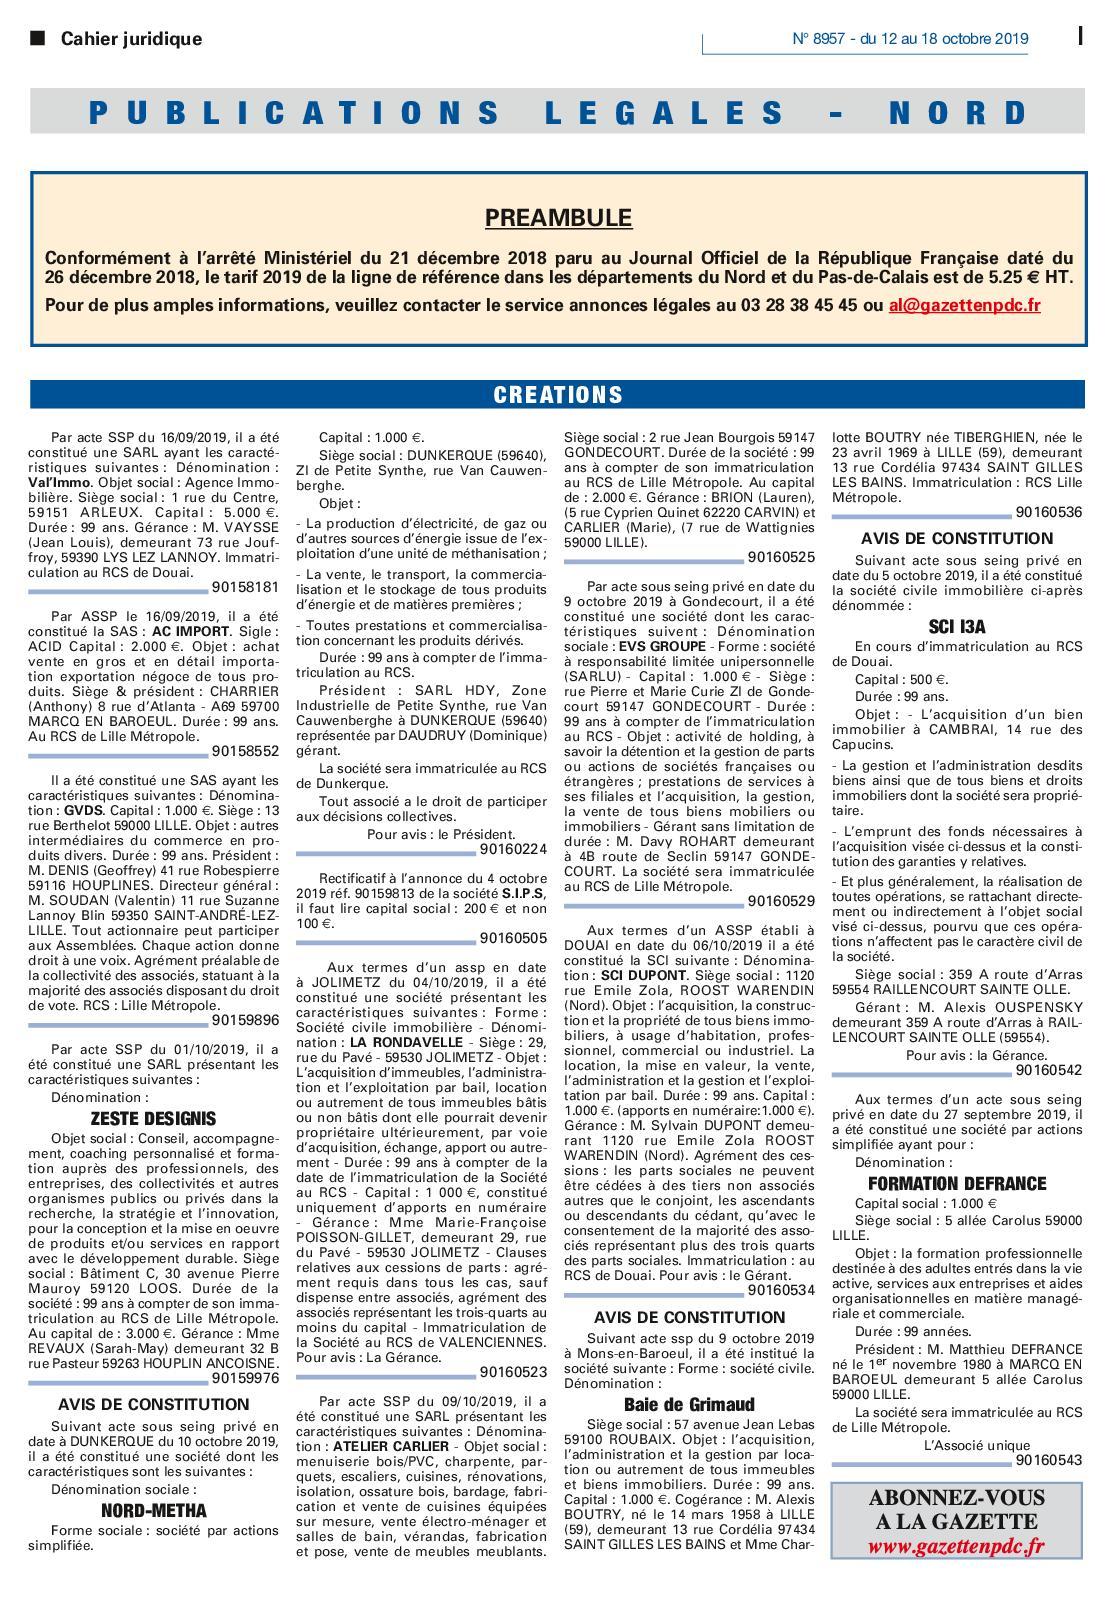 Dyad Flers En Escrebieux calaméo - gn 8957 al